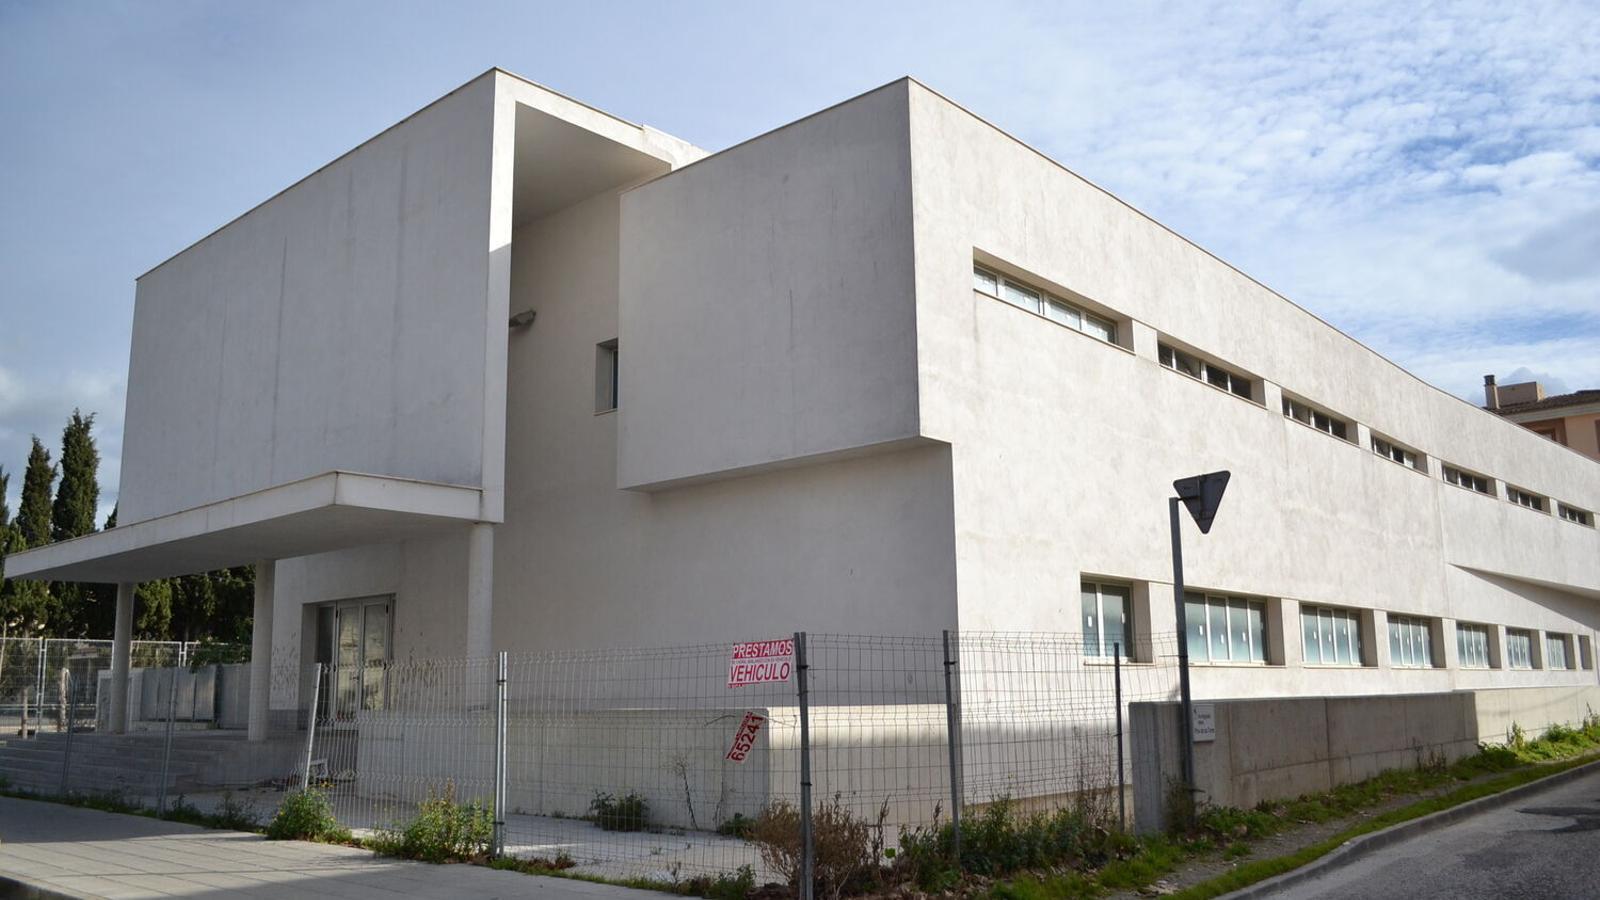 L'edifici dels Sementals resoldrà la manca d'espai que pateix el Simó Ballester. / M. BARCELÓ